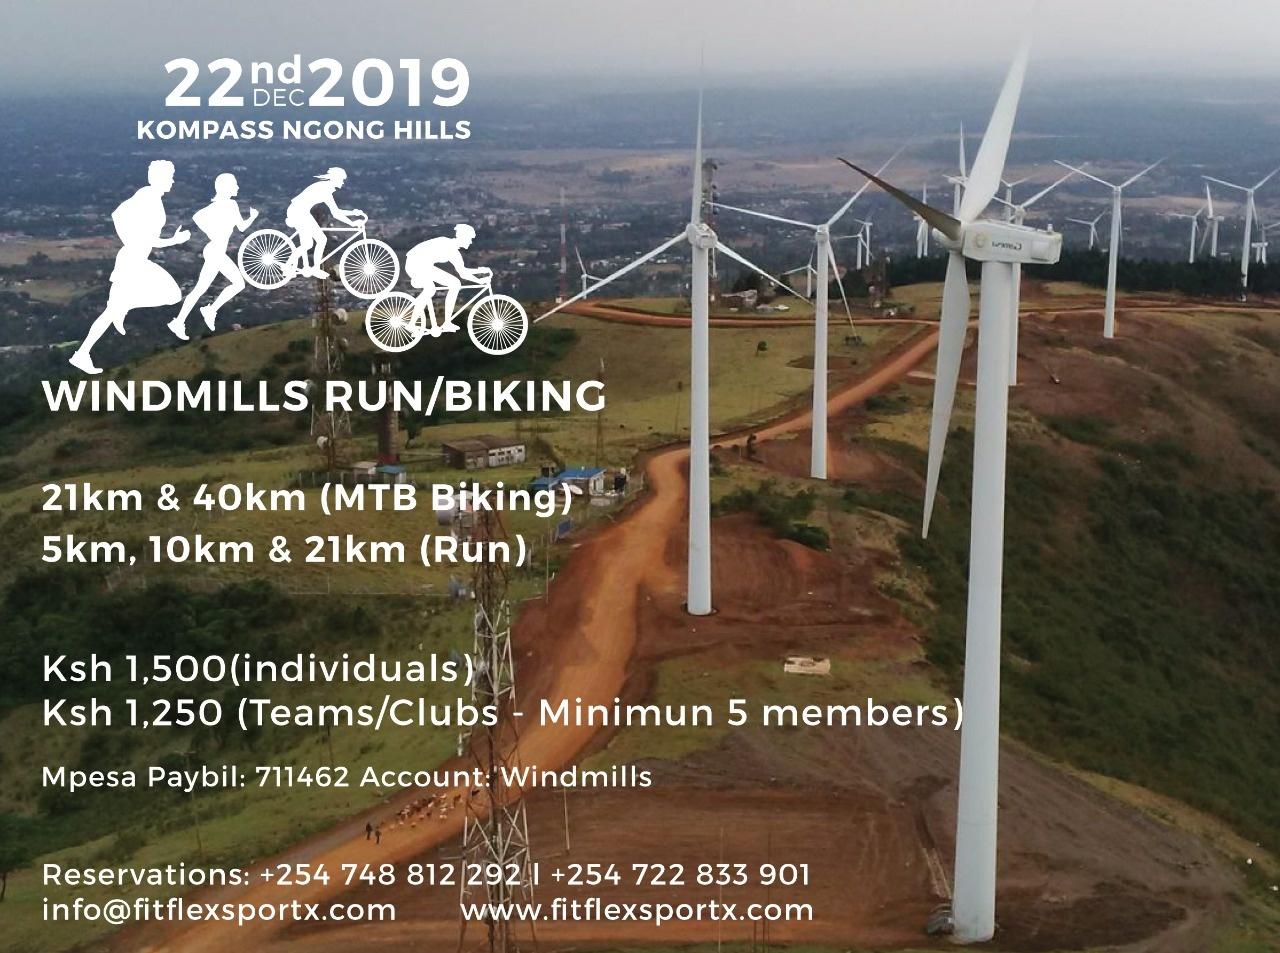 Windmill Run